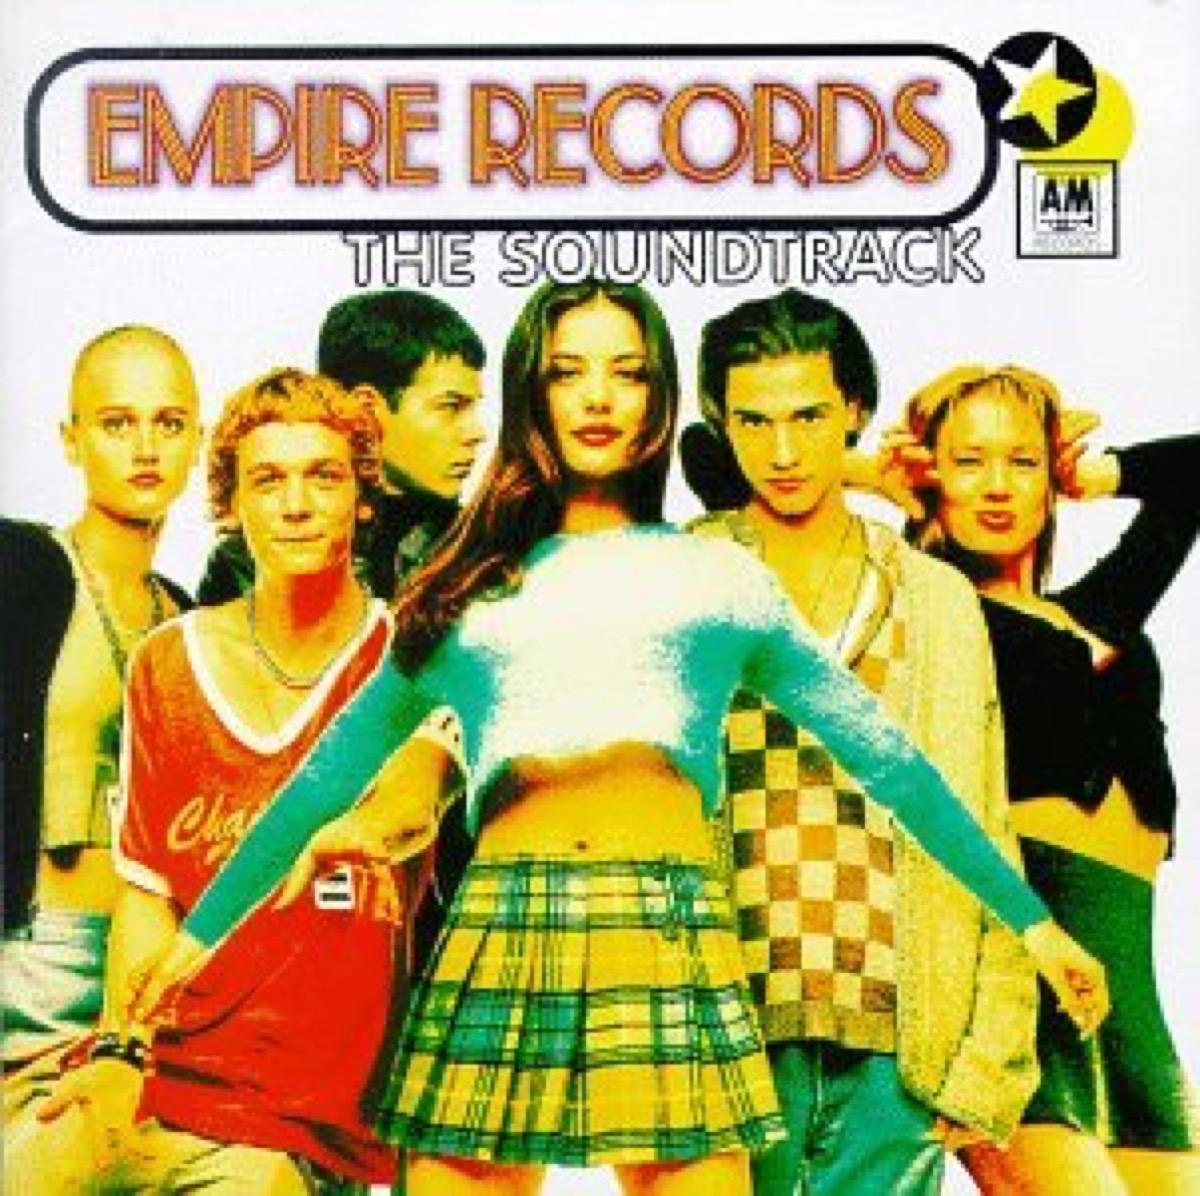 empire records movie soundtrack